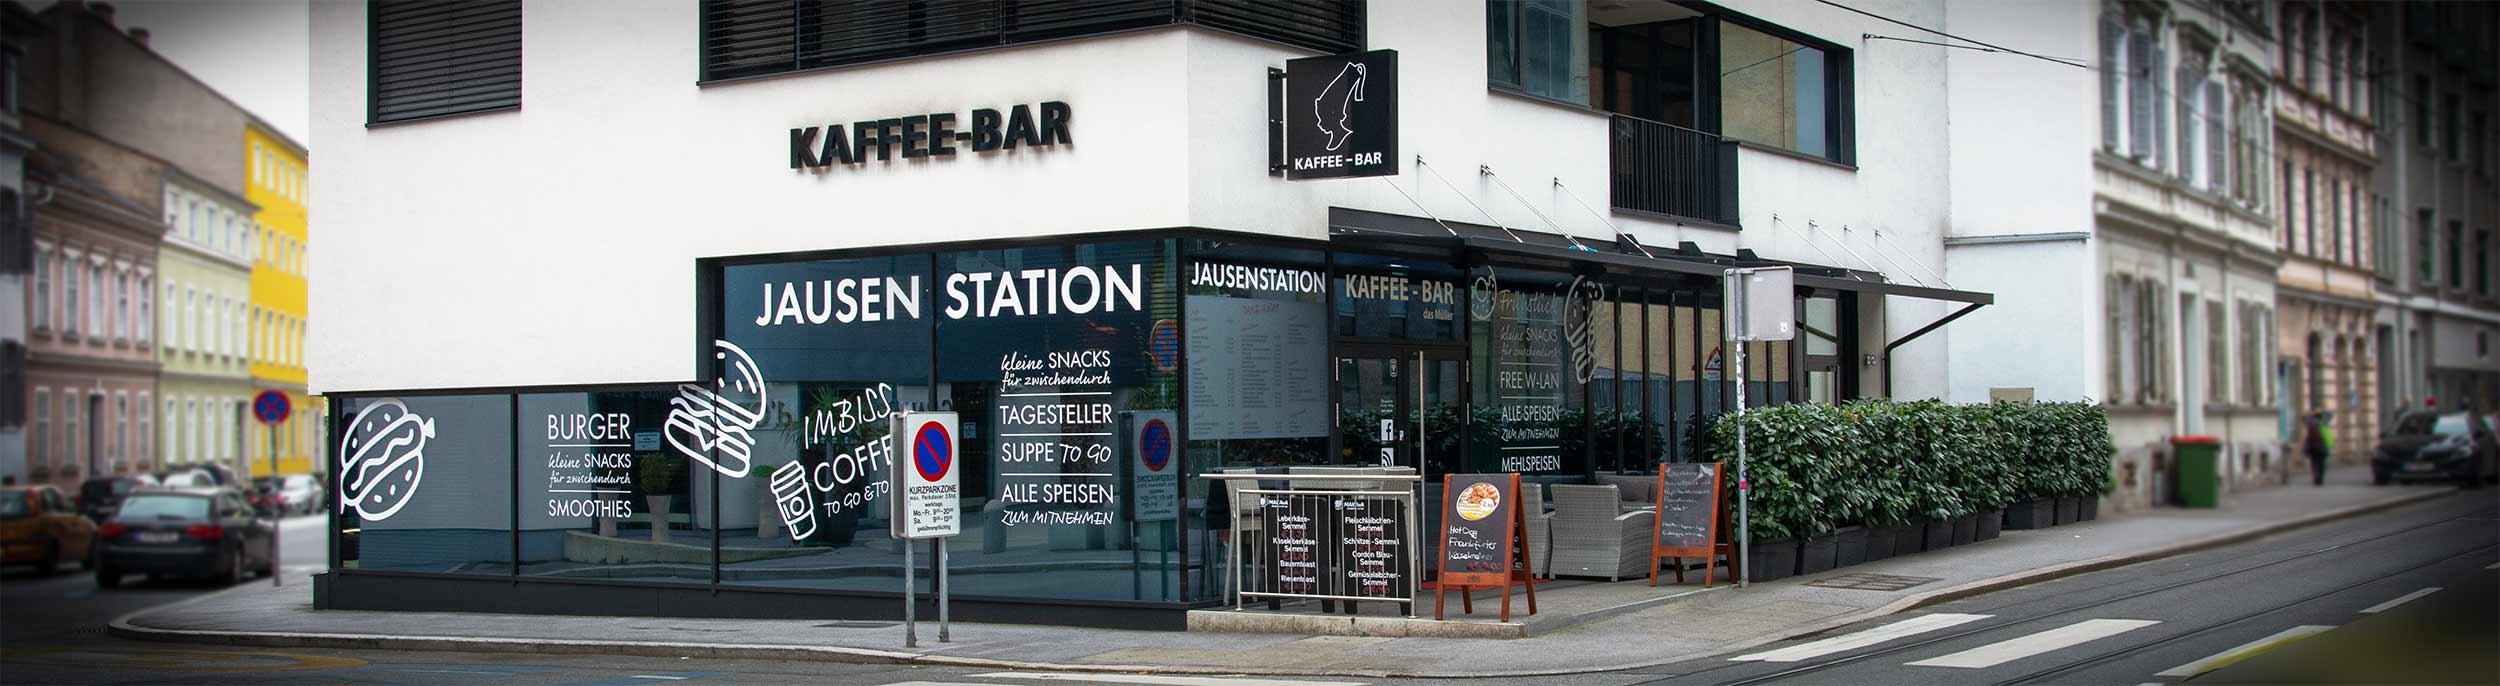 Kaffe-Bar Jausenstation Müller - Graz